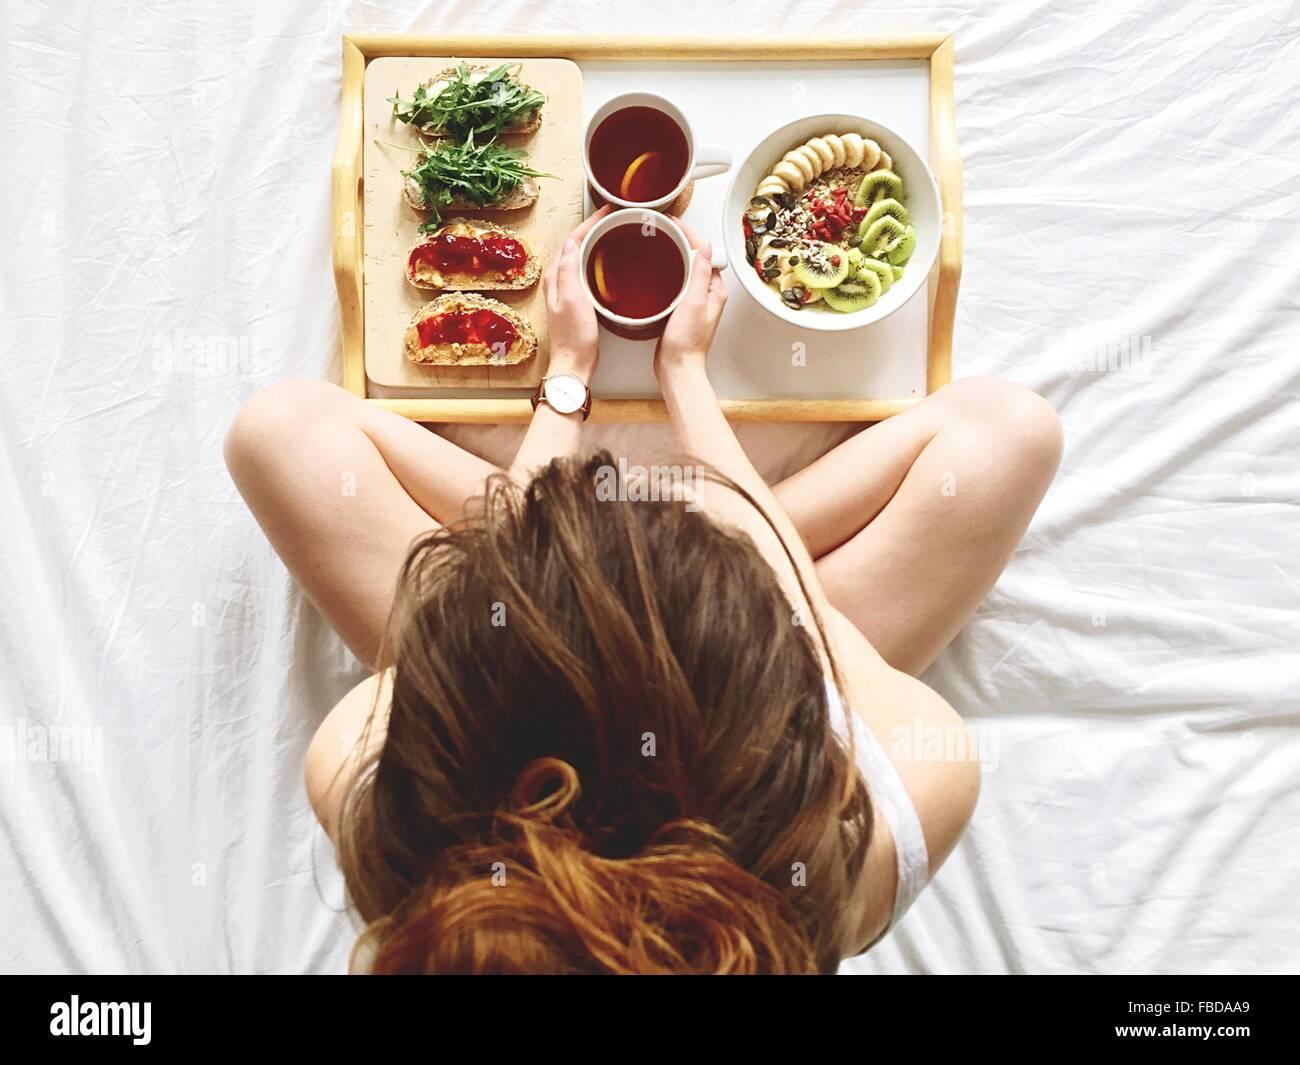 Direkt über Bild der Frau im Bett zu frühstücken Stockbild